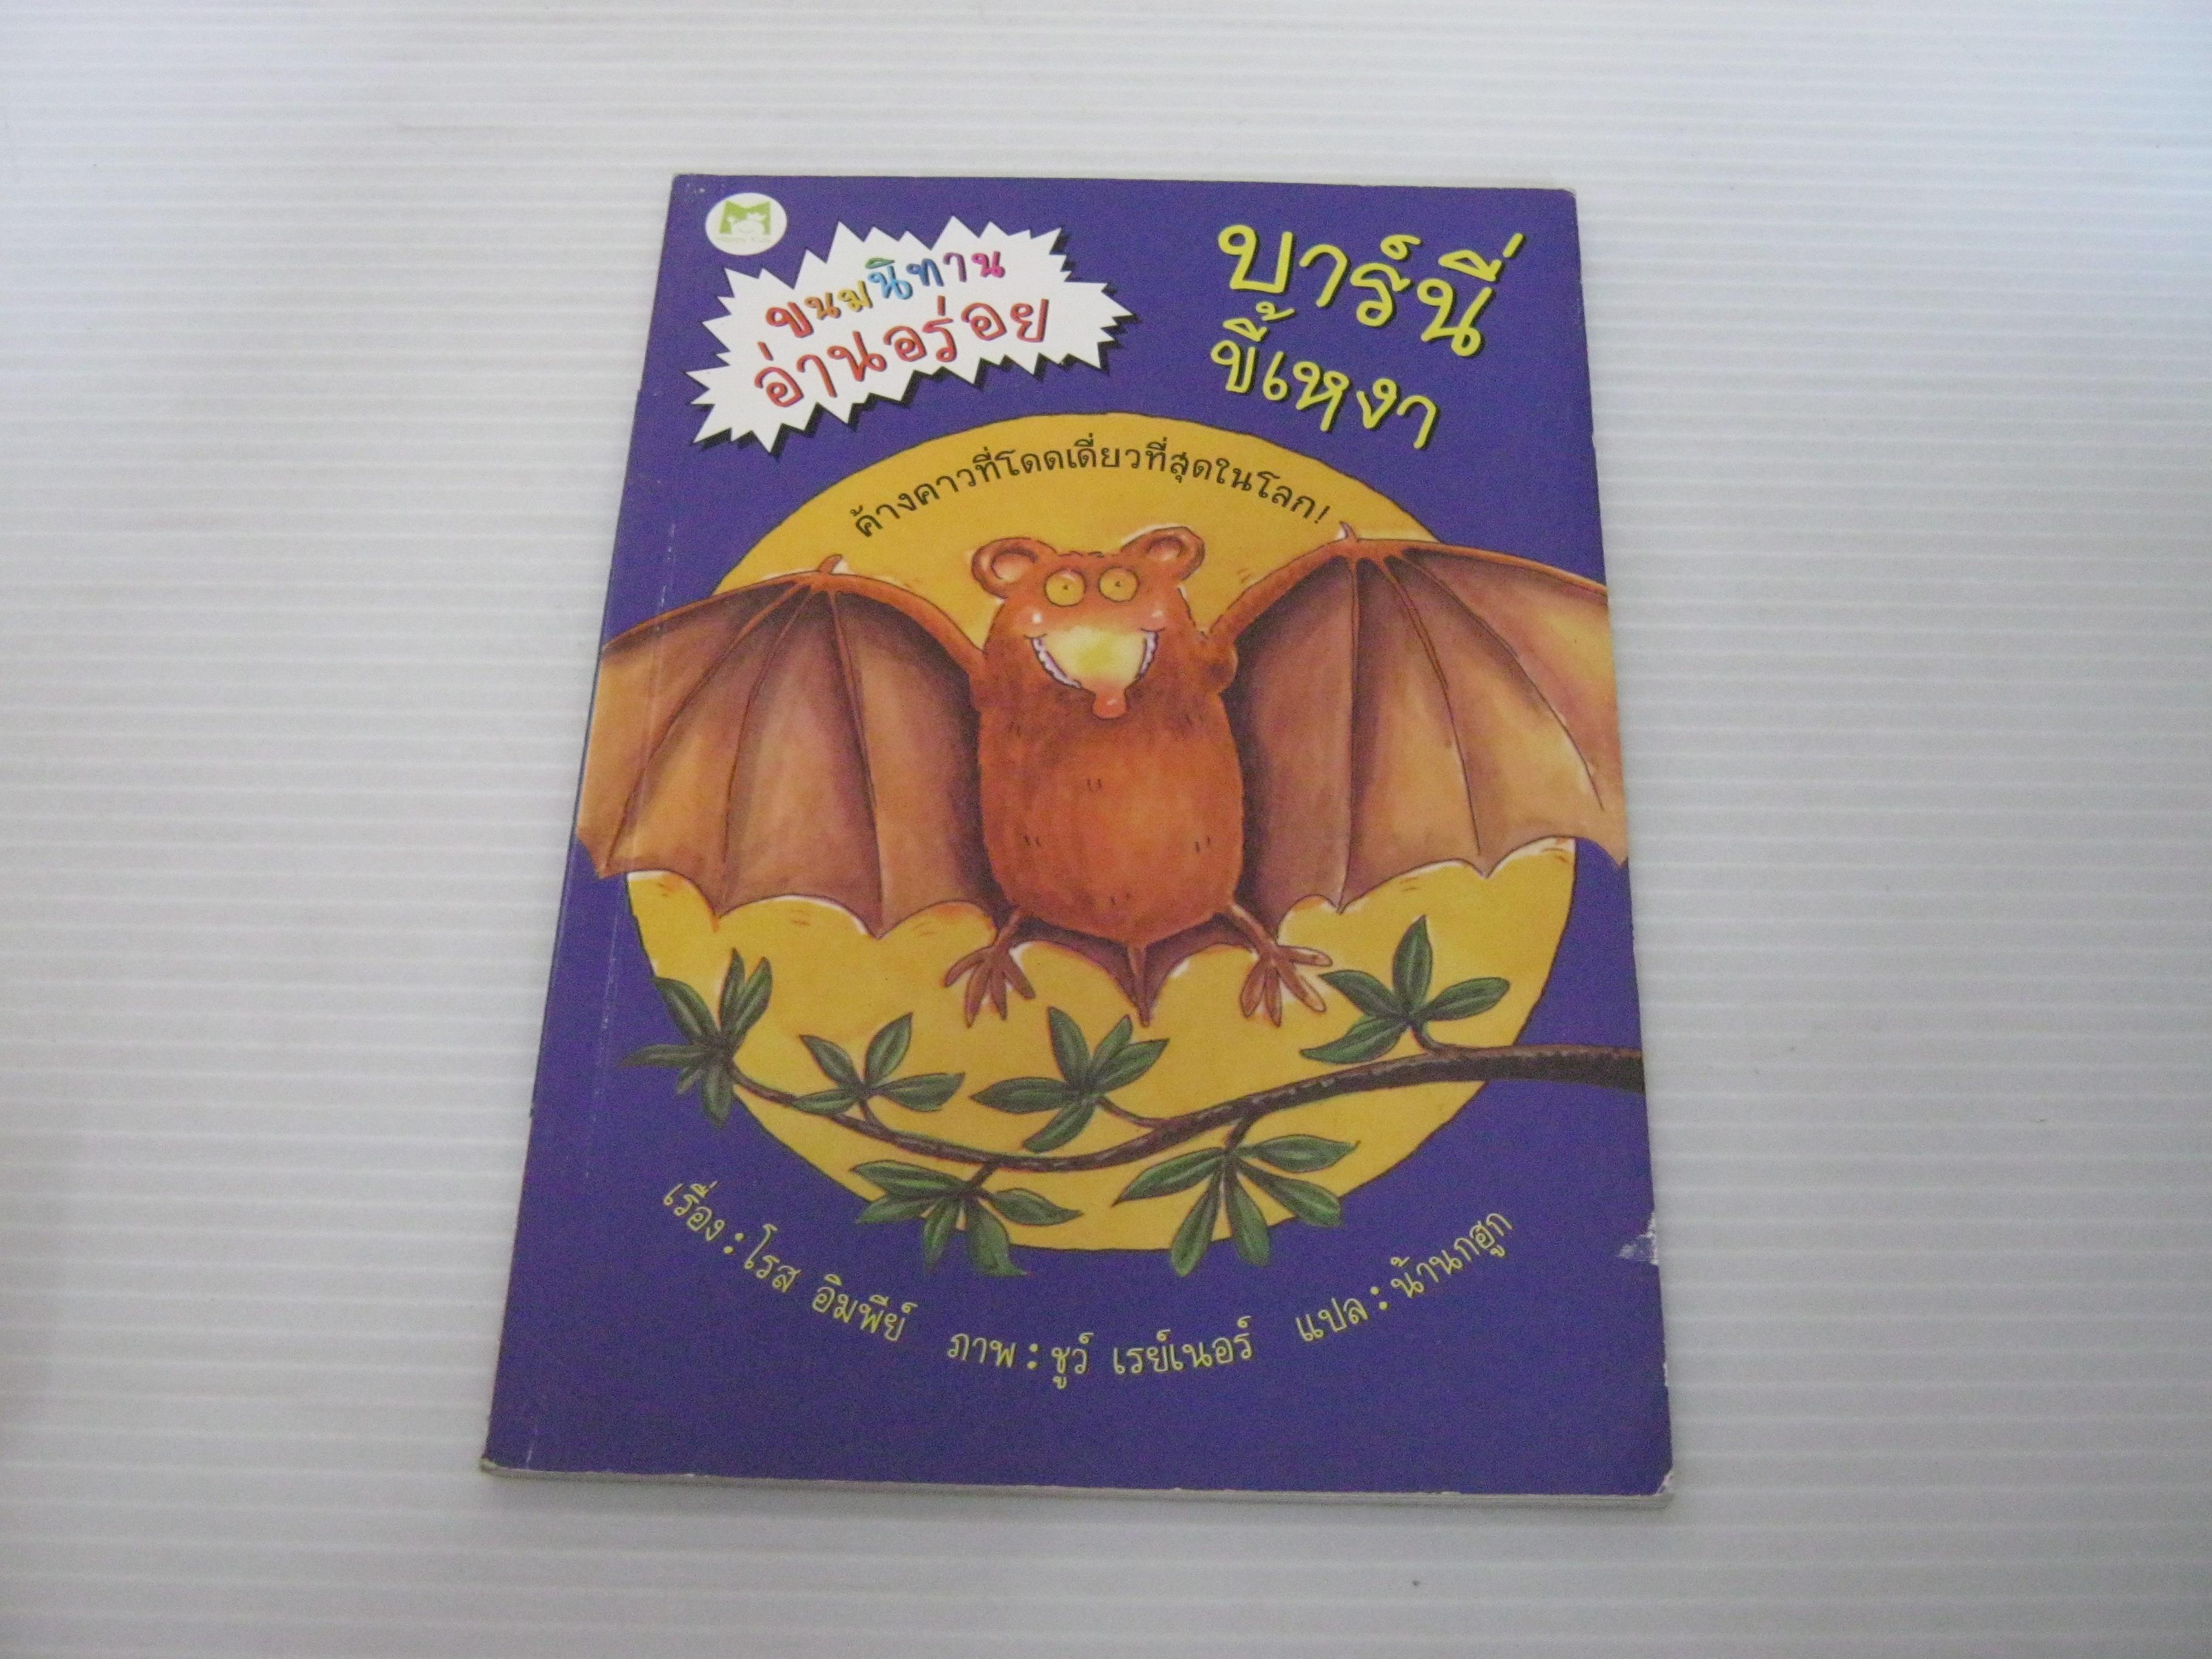 ขนมนิทานอ่านอร่อย บาร์นี่ขี้เหงา ค้างคาวที่โดดเดี่ยวที่สุดในโลก ! โรส อิมพีย์ เรื่อง ชูว์ เรย์เนอร์ ภาพ น้านกฮูก แปล